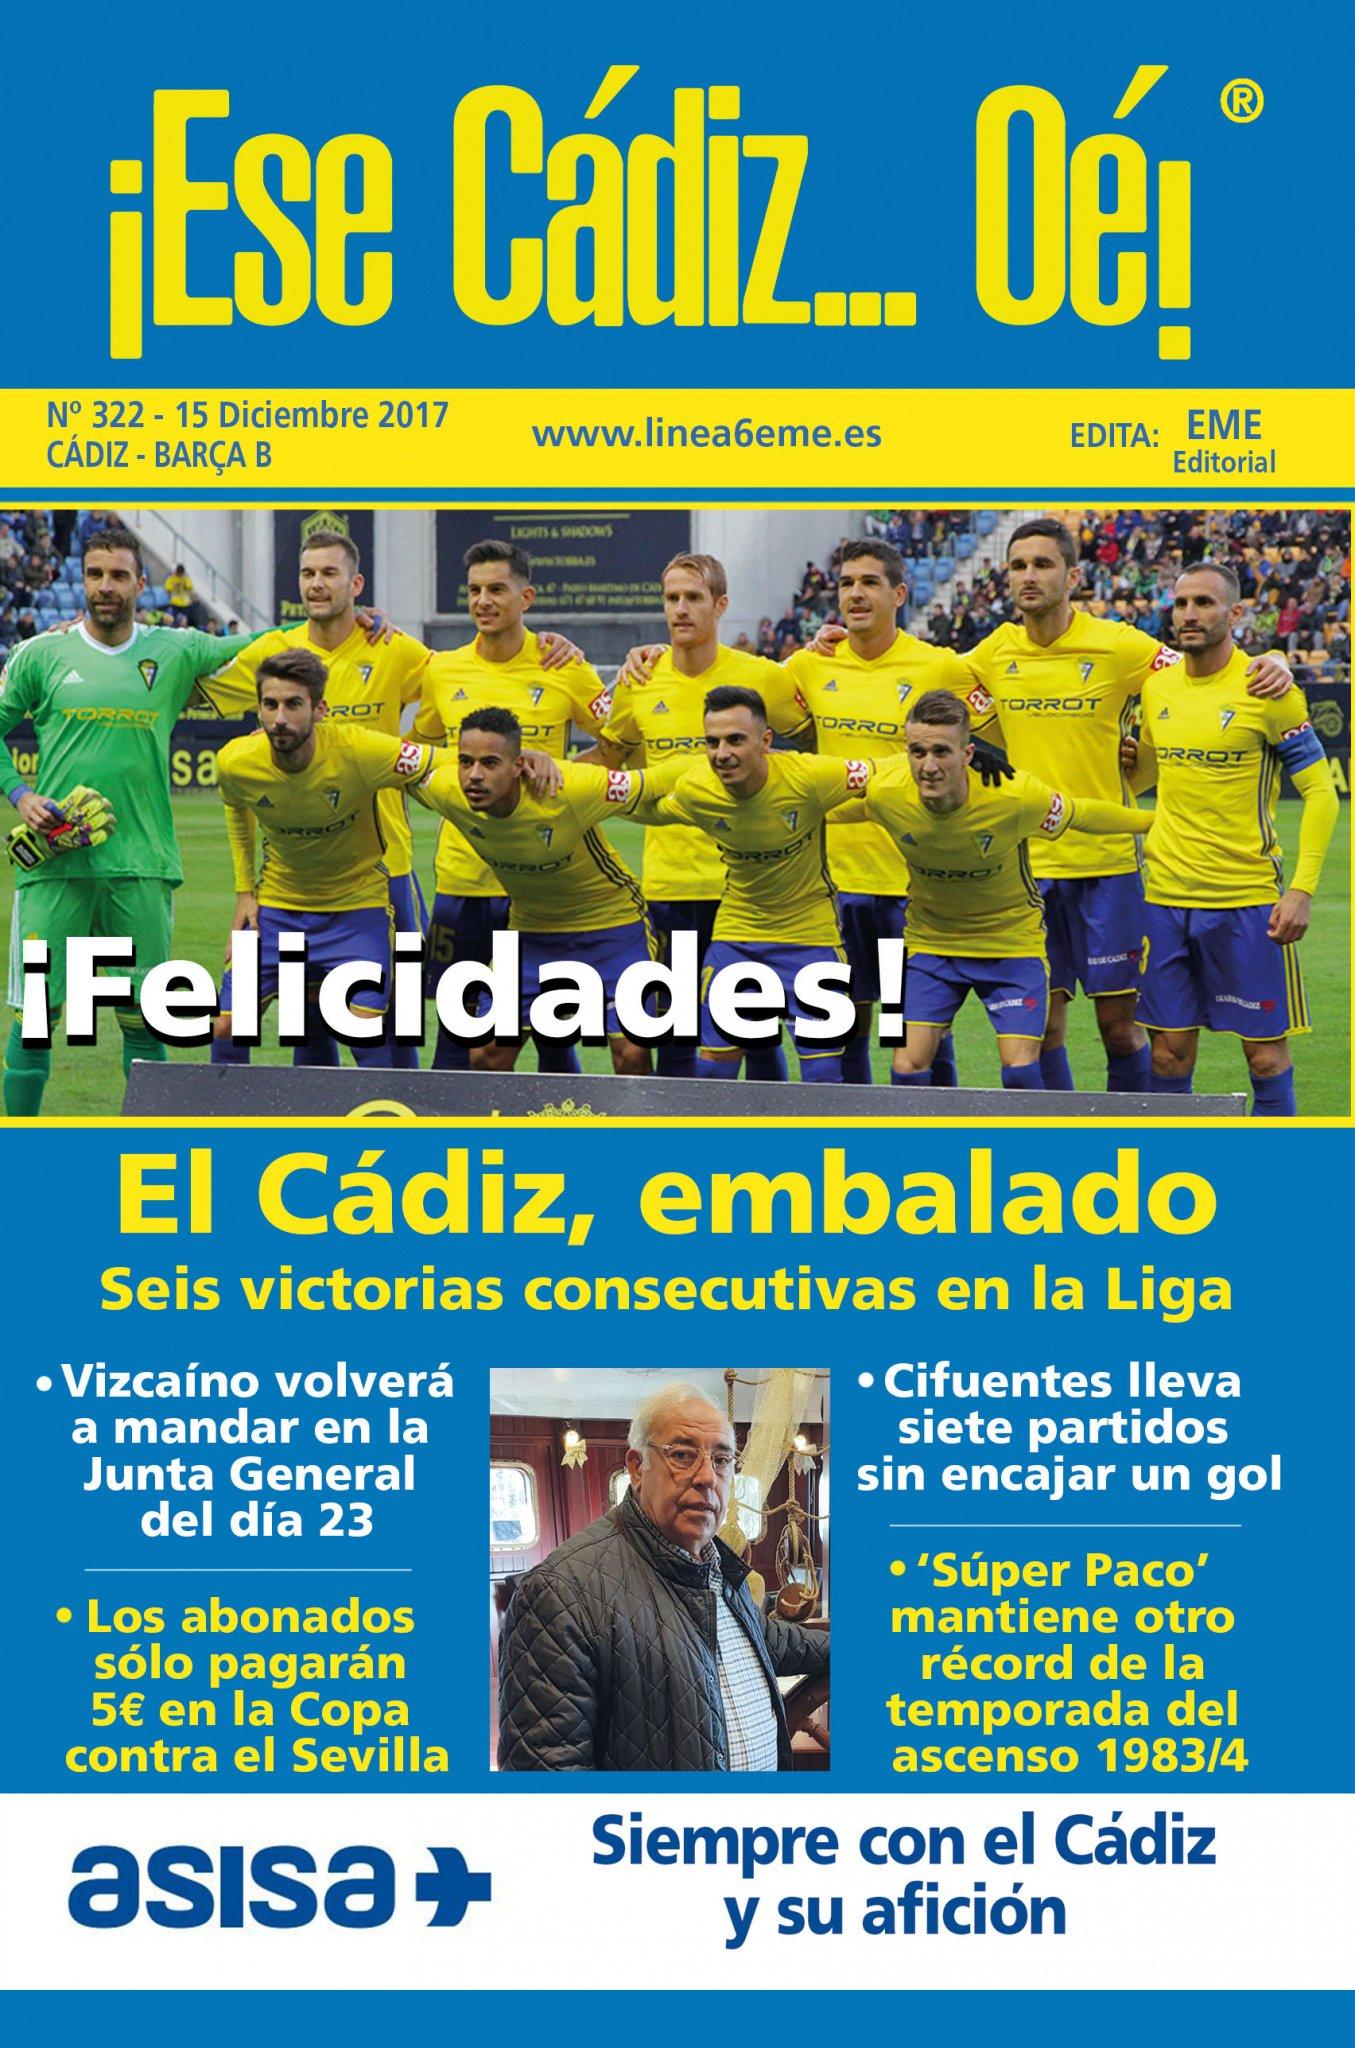 ¡Ese Cádiz…Oé! núm. 322 Temporada 2017/18